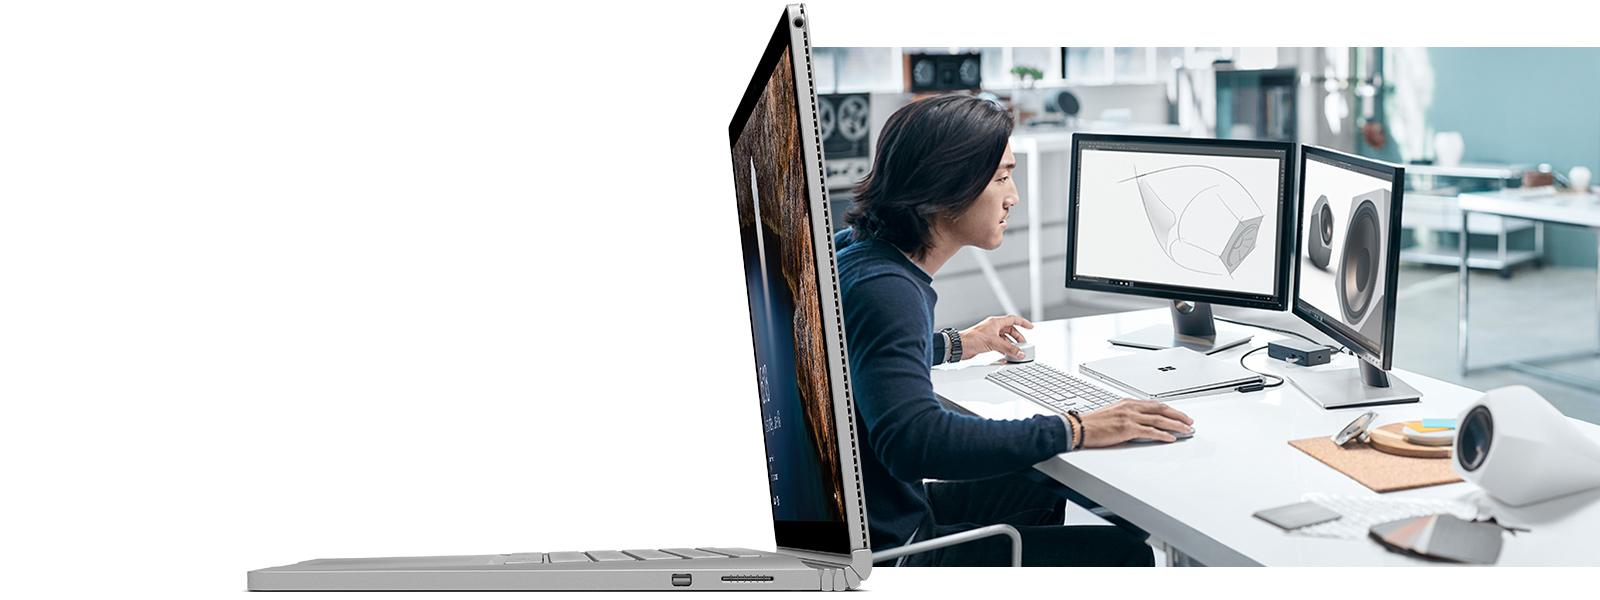 Ein Mann, der an einem Schreibtisch sitzt und auf einem Surface Book mit angeschlossener Tastatur, Maus und zwei externen Bildschirmen arbeitet